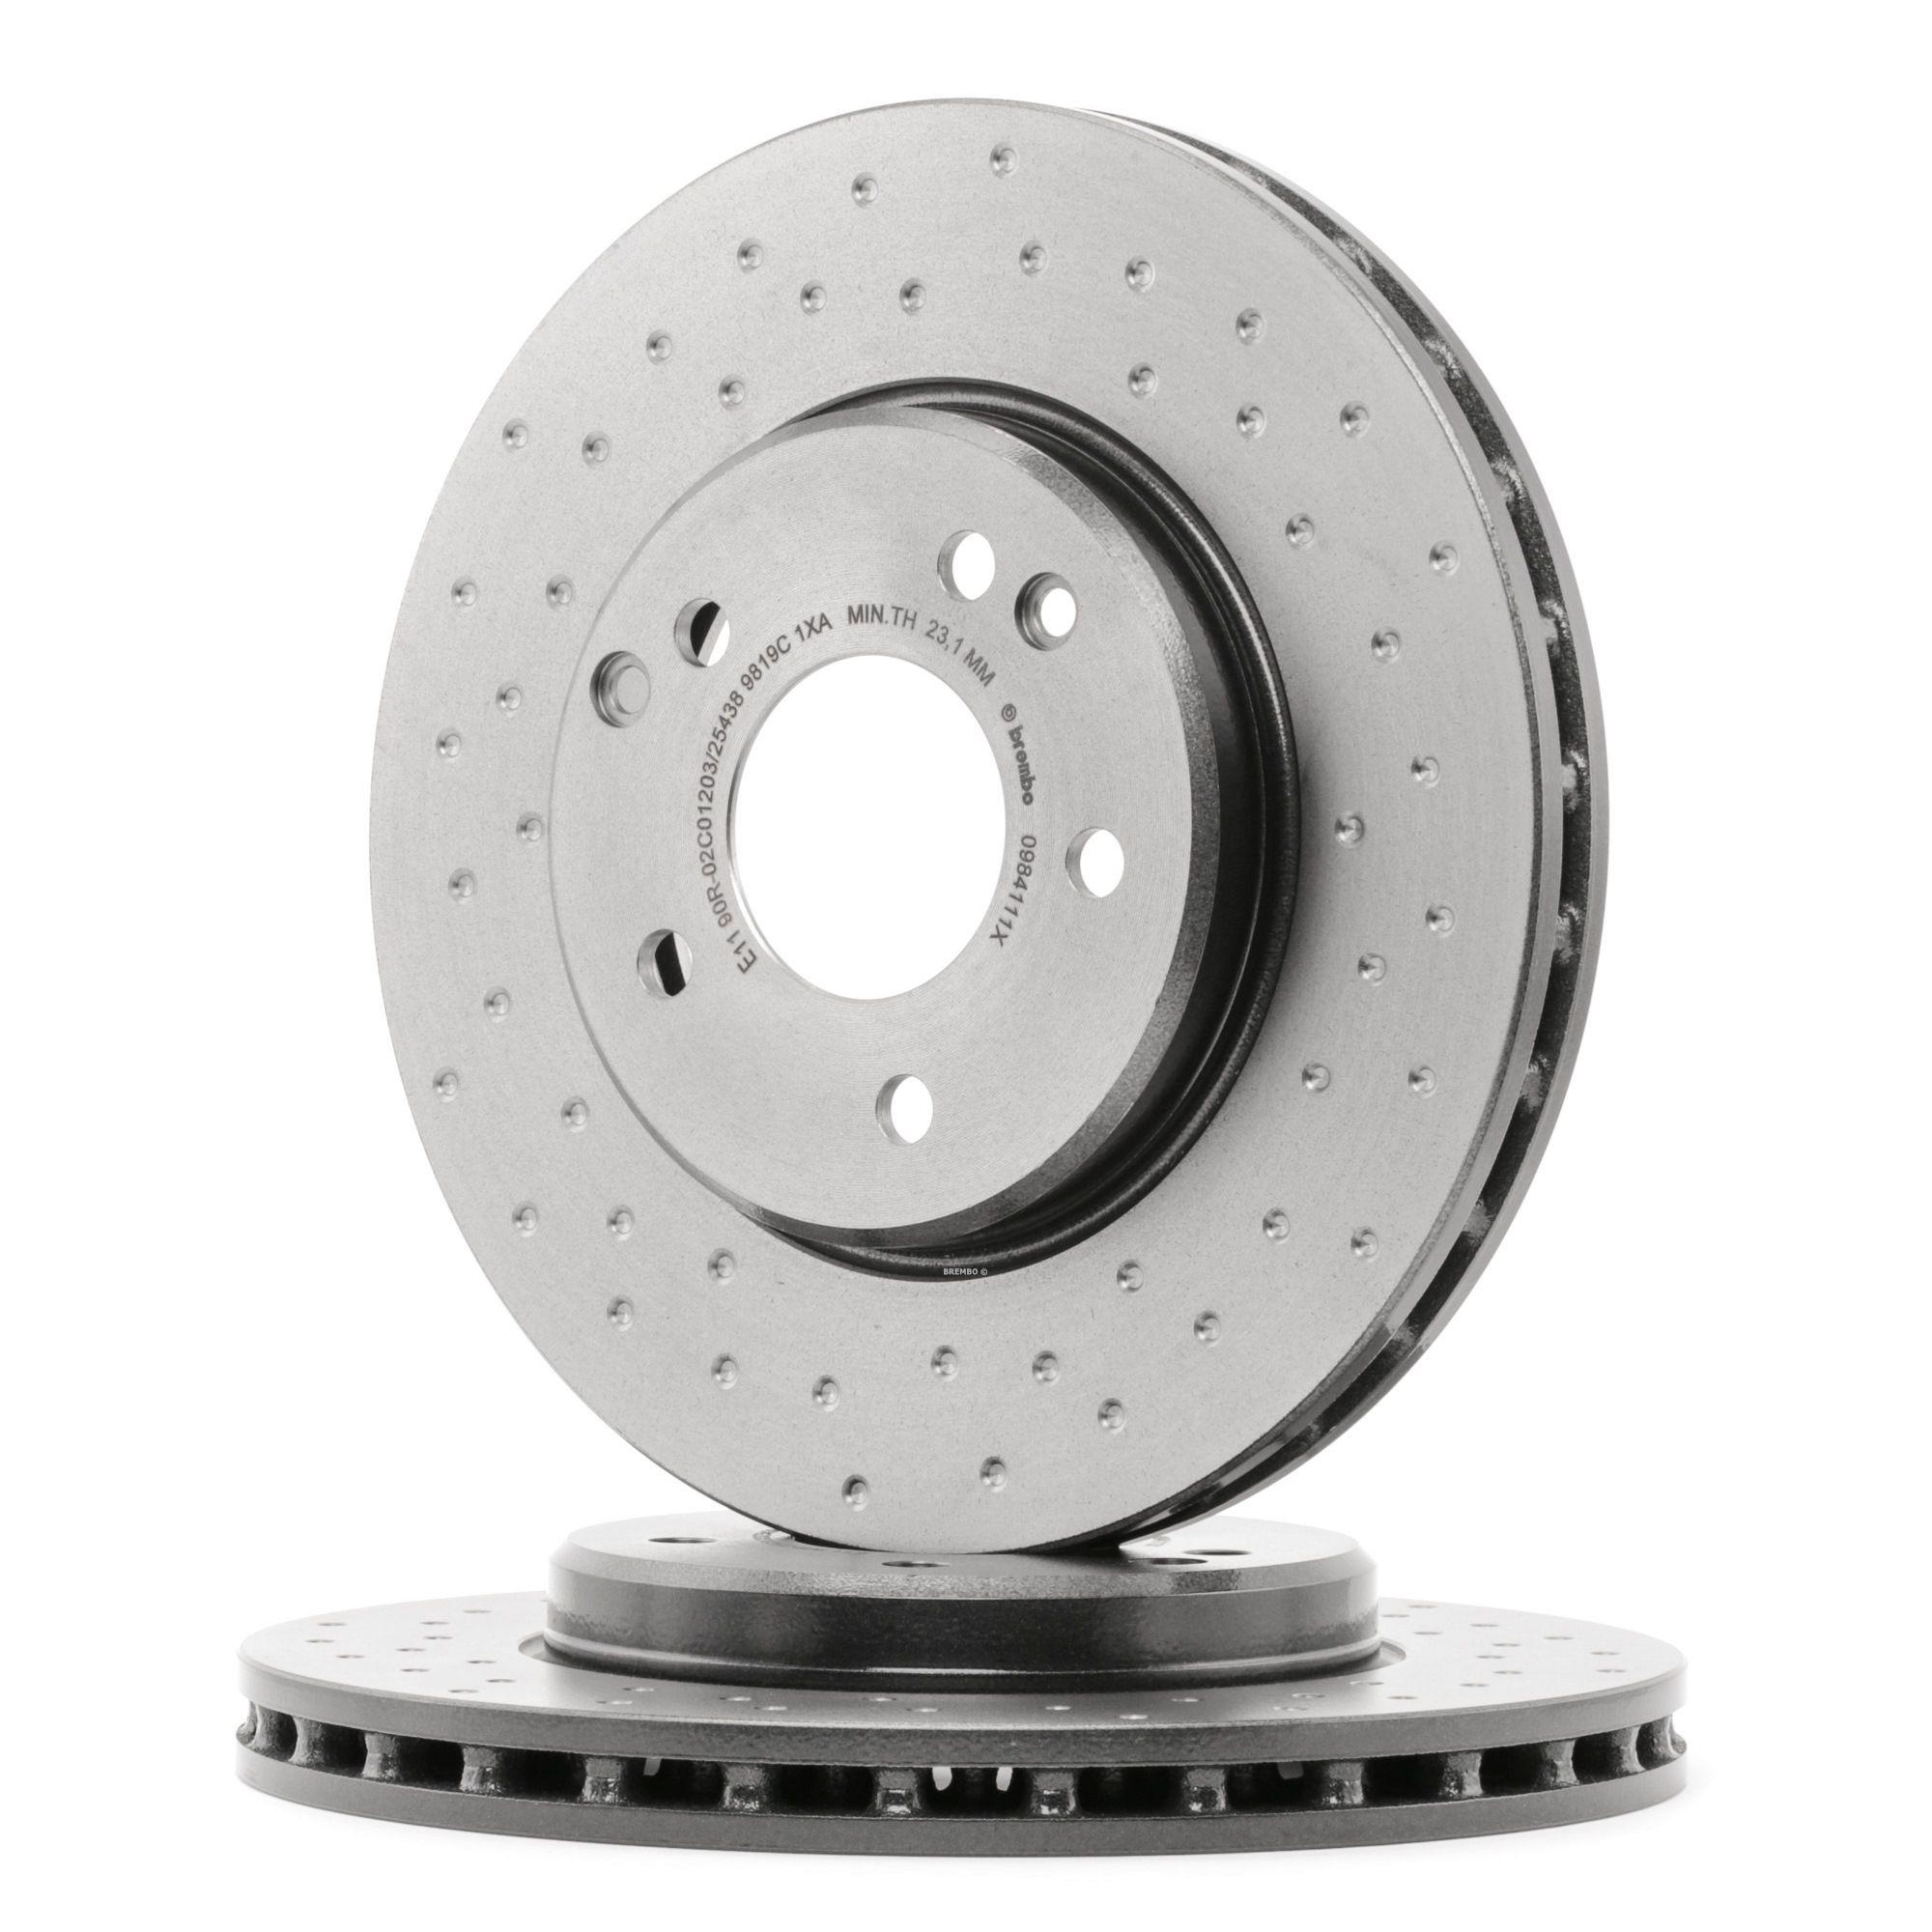 Origine Disque de frein BREMBO 09.8411.1X (Ø: 288mm, Nbre de trous: 5, Épaisseur du disque de frein: 25mm)